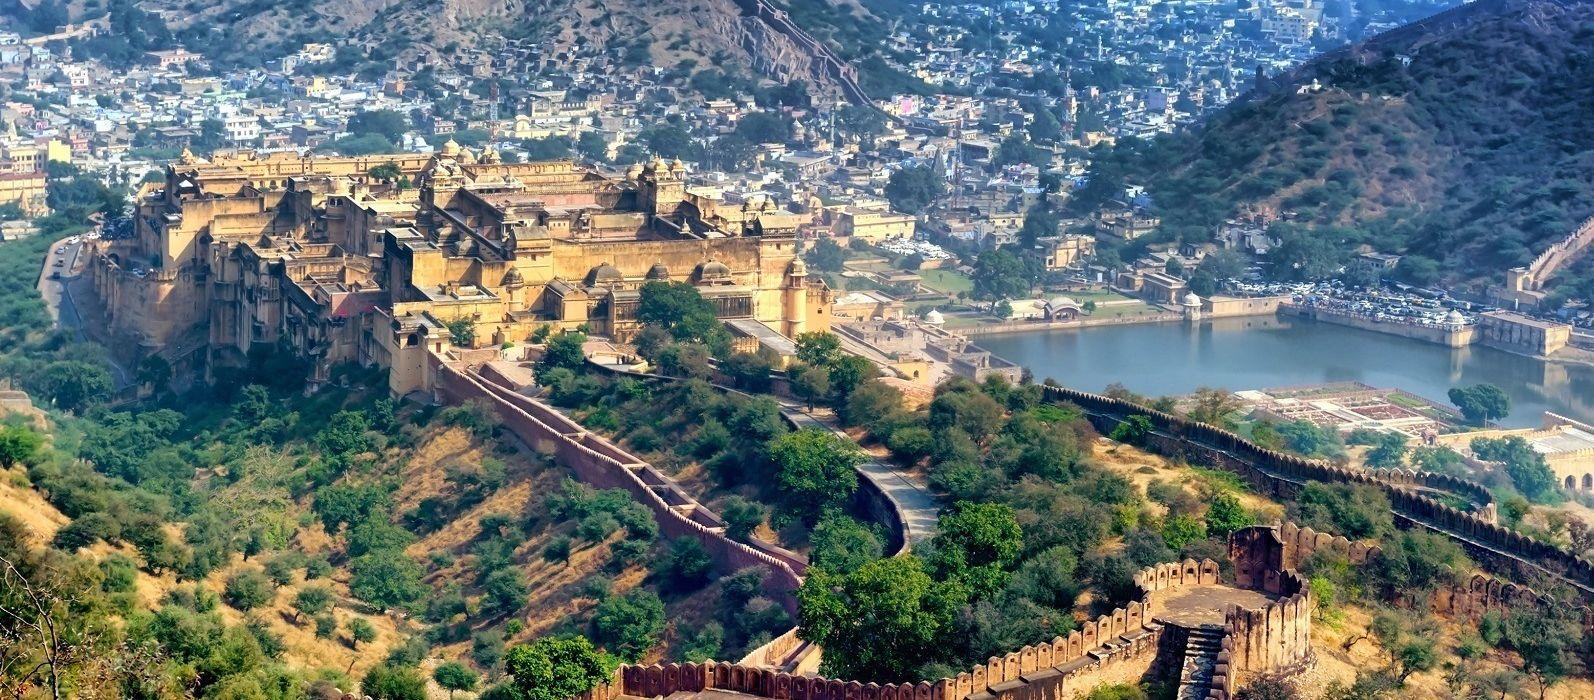 Luxuriöse Nordindienreise – Höhepunkte neu entdeckt Urlaub 2